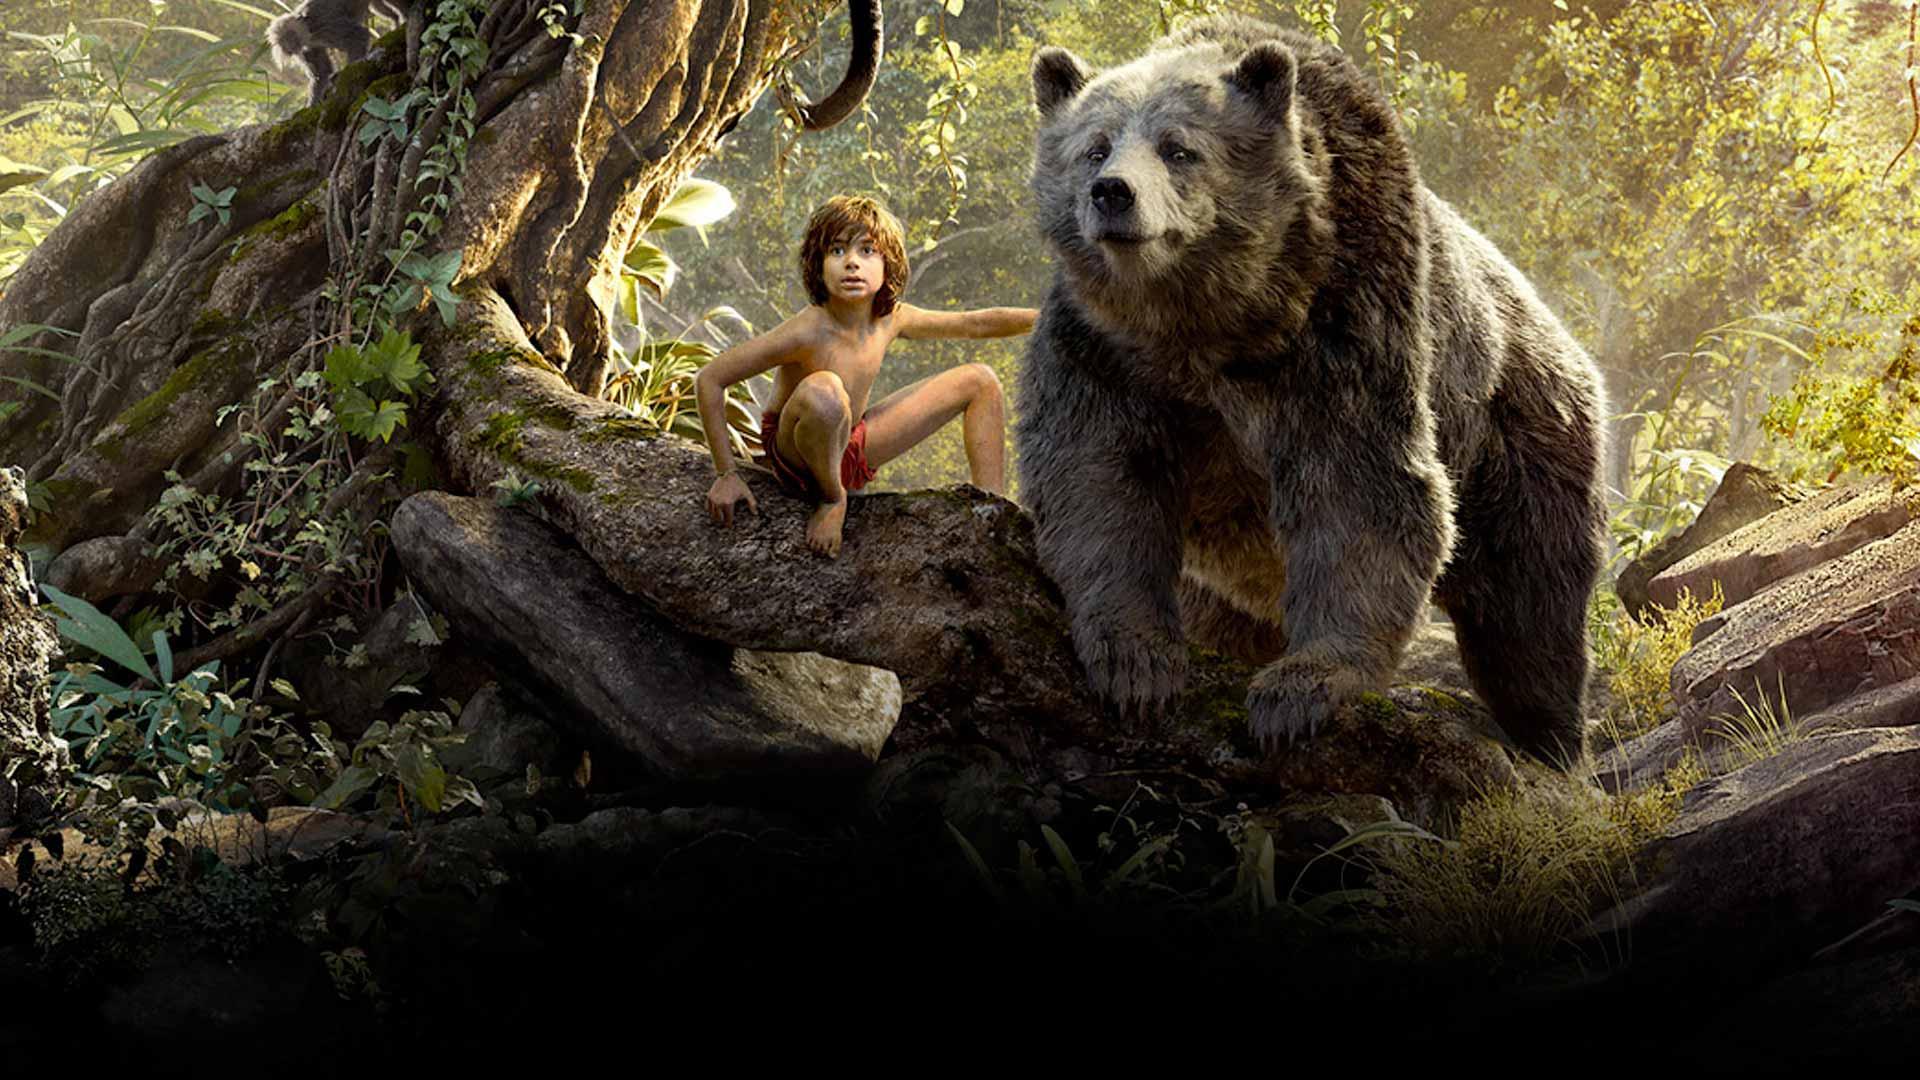 فيلم المغامرات The Jungle Book 2016 مترجم HD